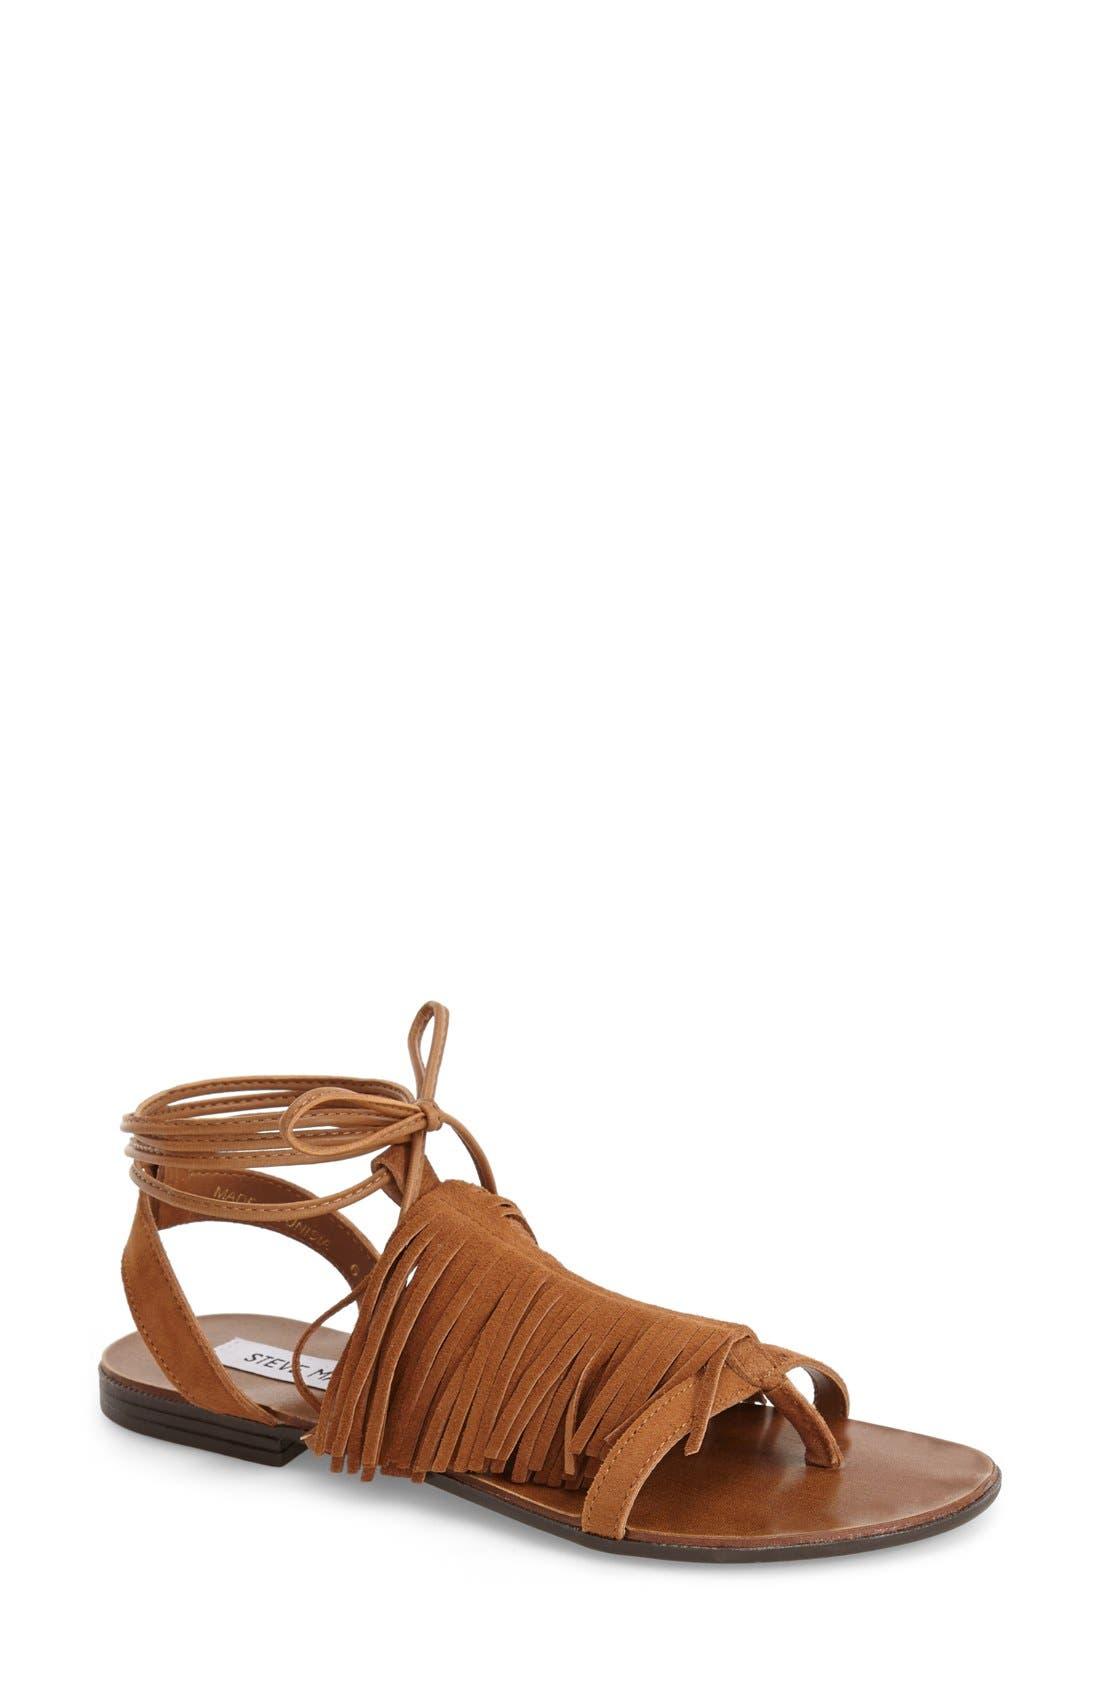 STEVE MADDEN 'Chelssi' Fringe Sandal, Main, color, 200